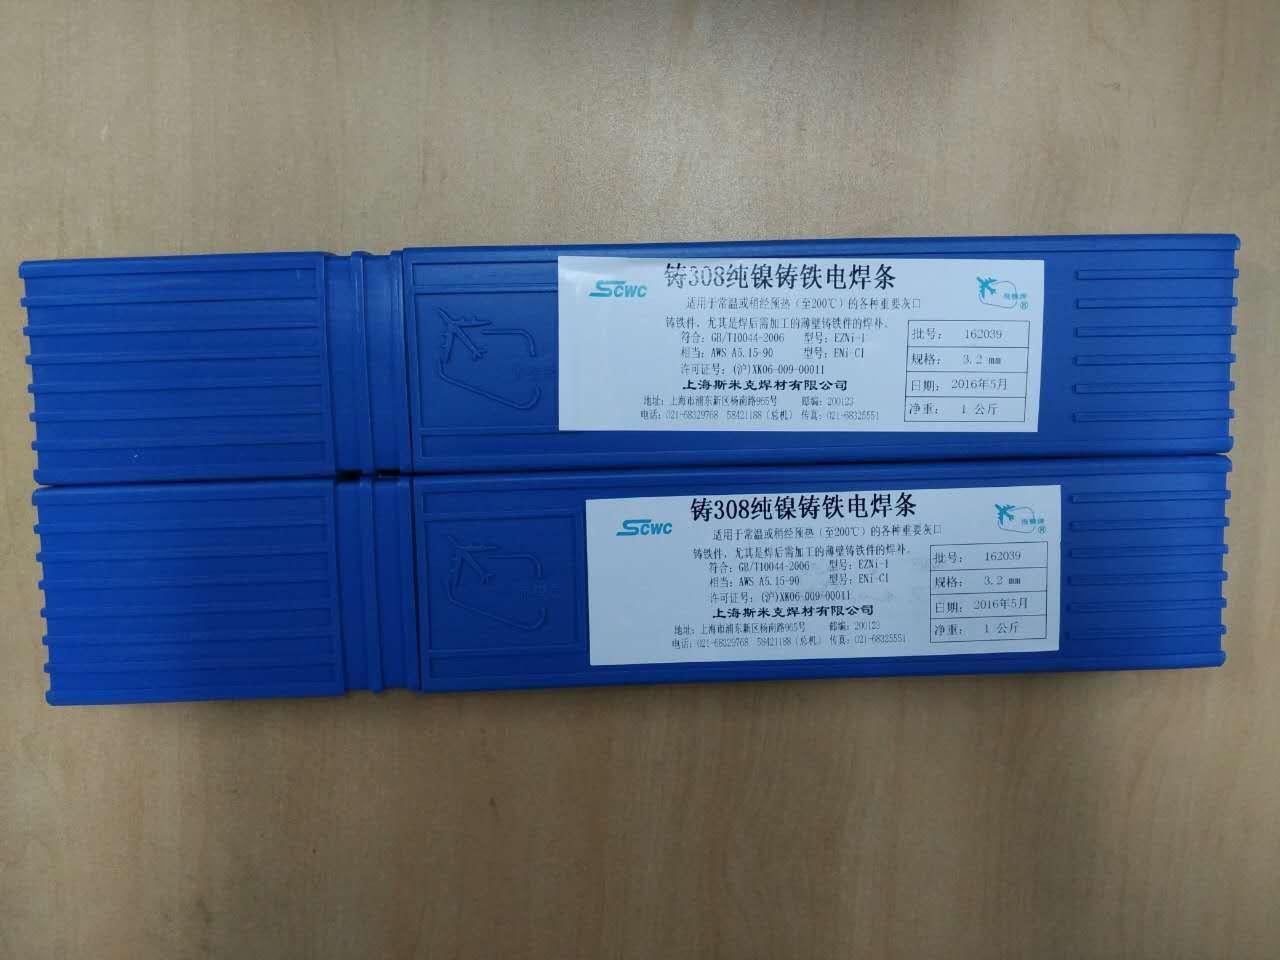 Z508强石墨铸铁焊条EZNiCu-1镍铜合金(蒙乃尔)焊芯铸铁焊条